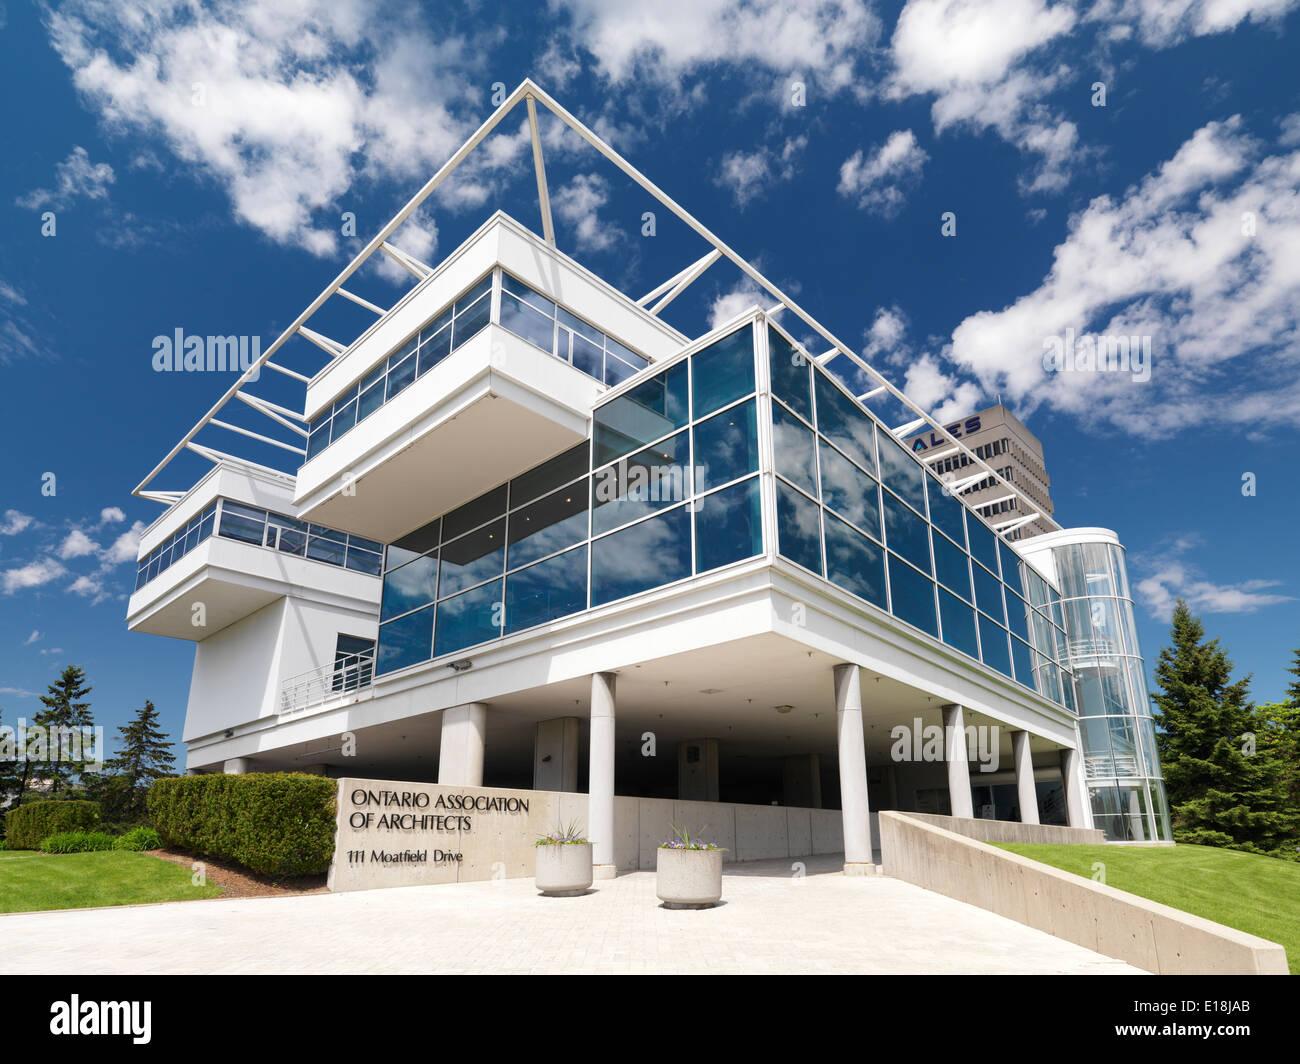 Asociación de Arquitectos edificio de Ontario en Toronto, Ontario, Canadá. Imagen De Stock